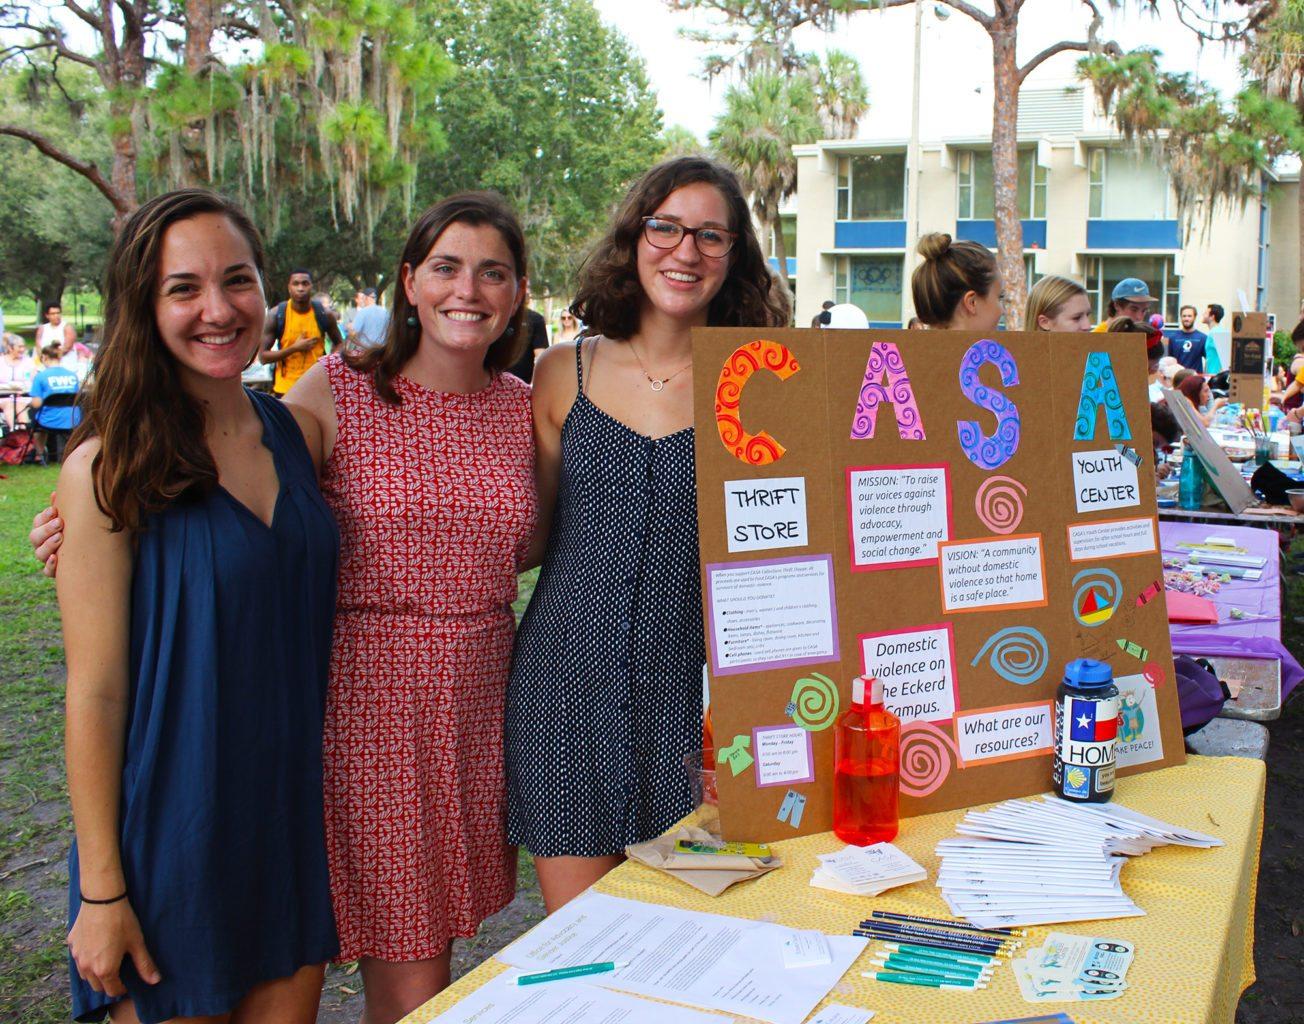 Senior capstone project for CASA non-profit